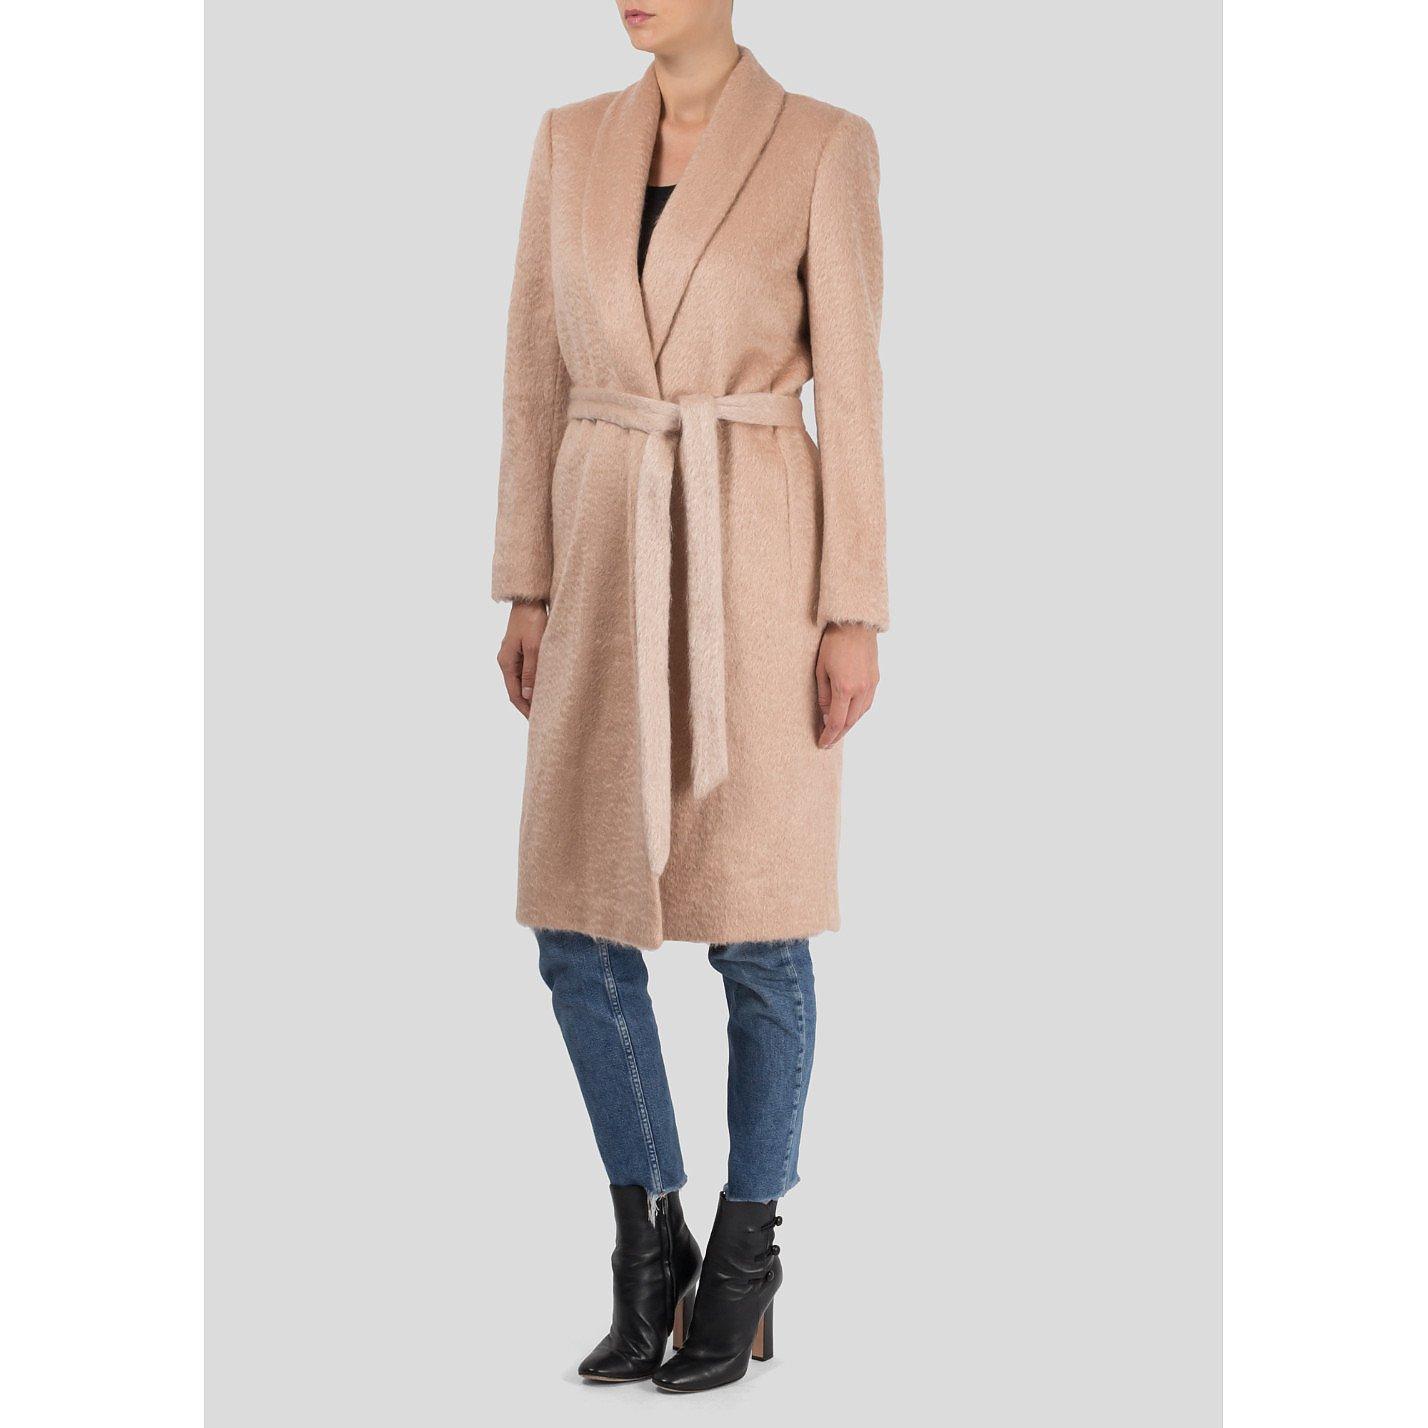 Zoe Jordan Mohair Wrap Coat